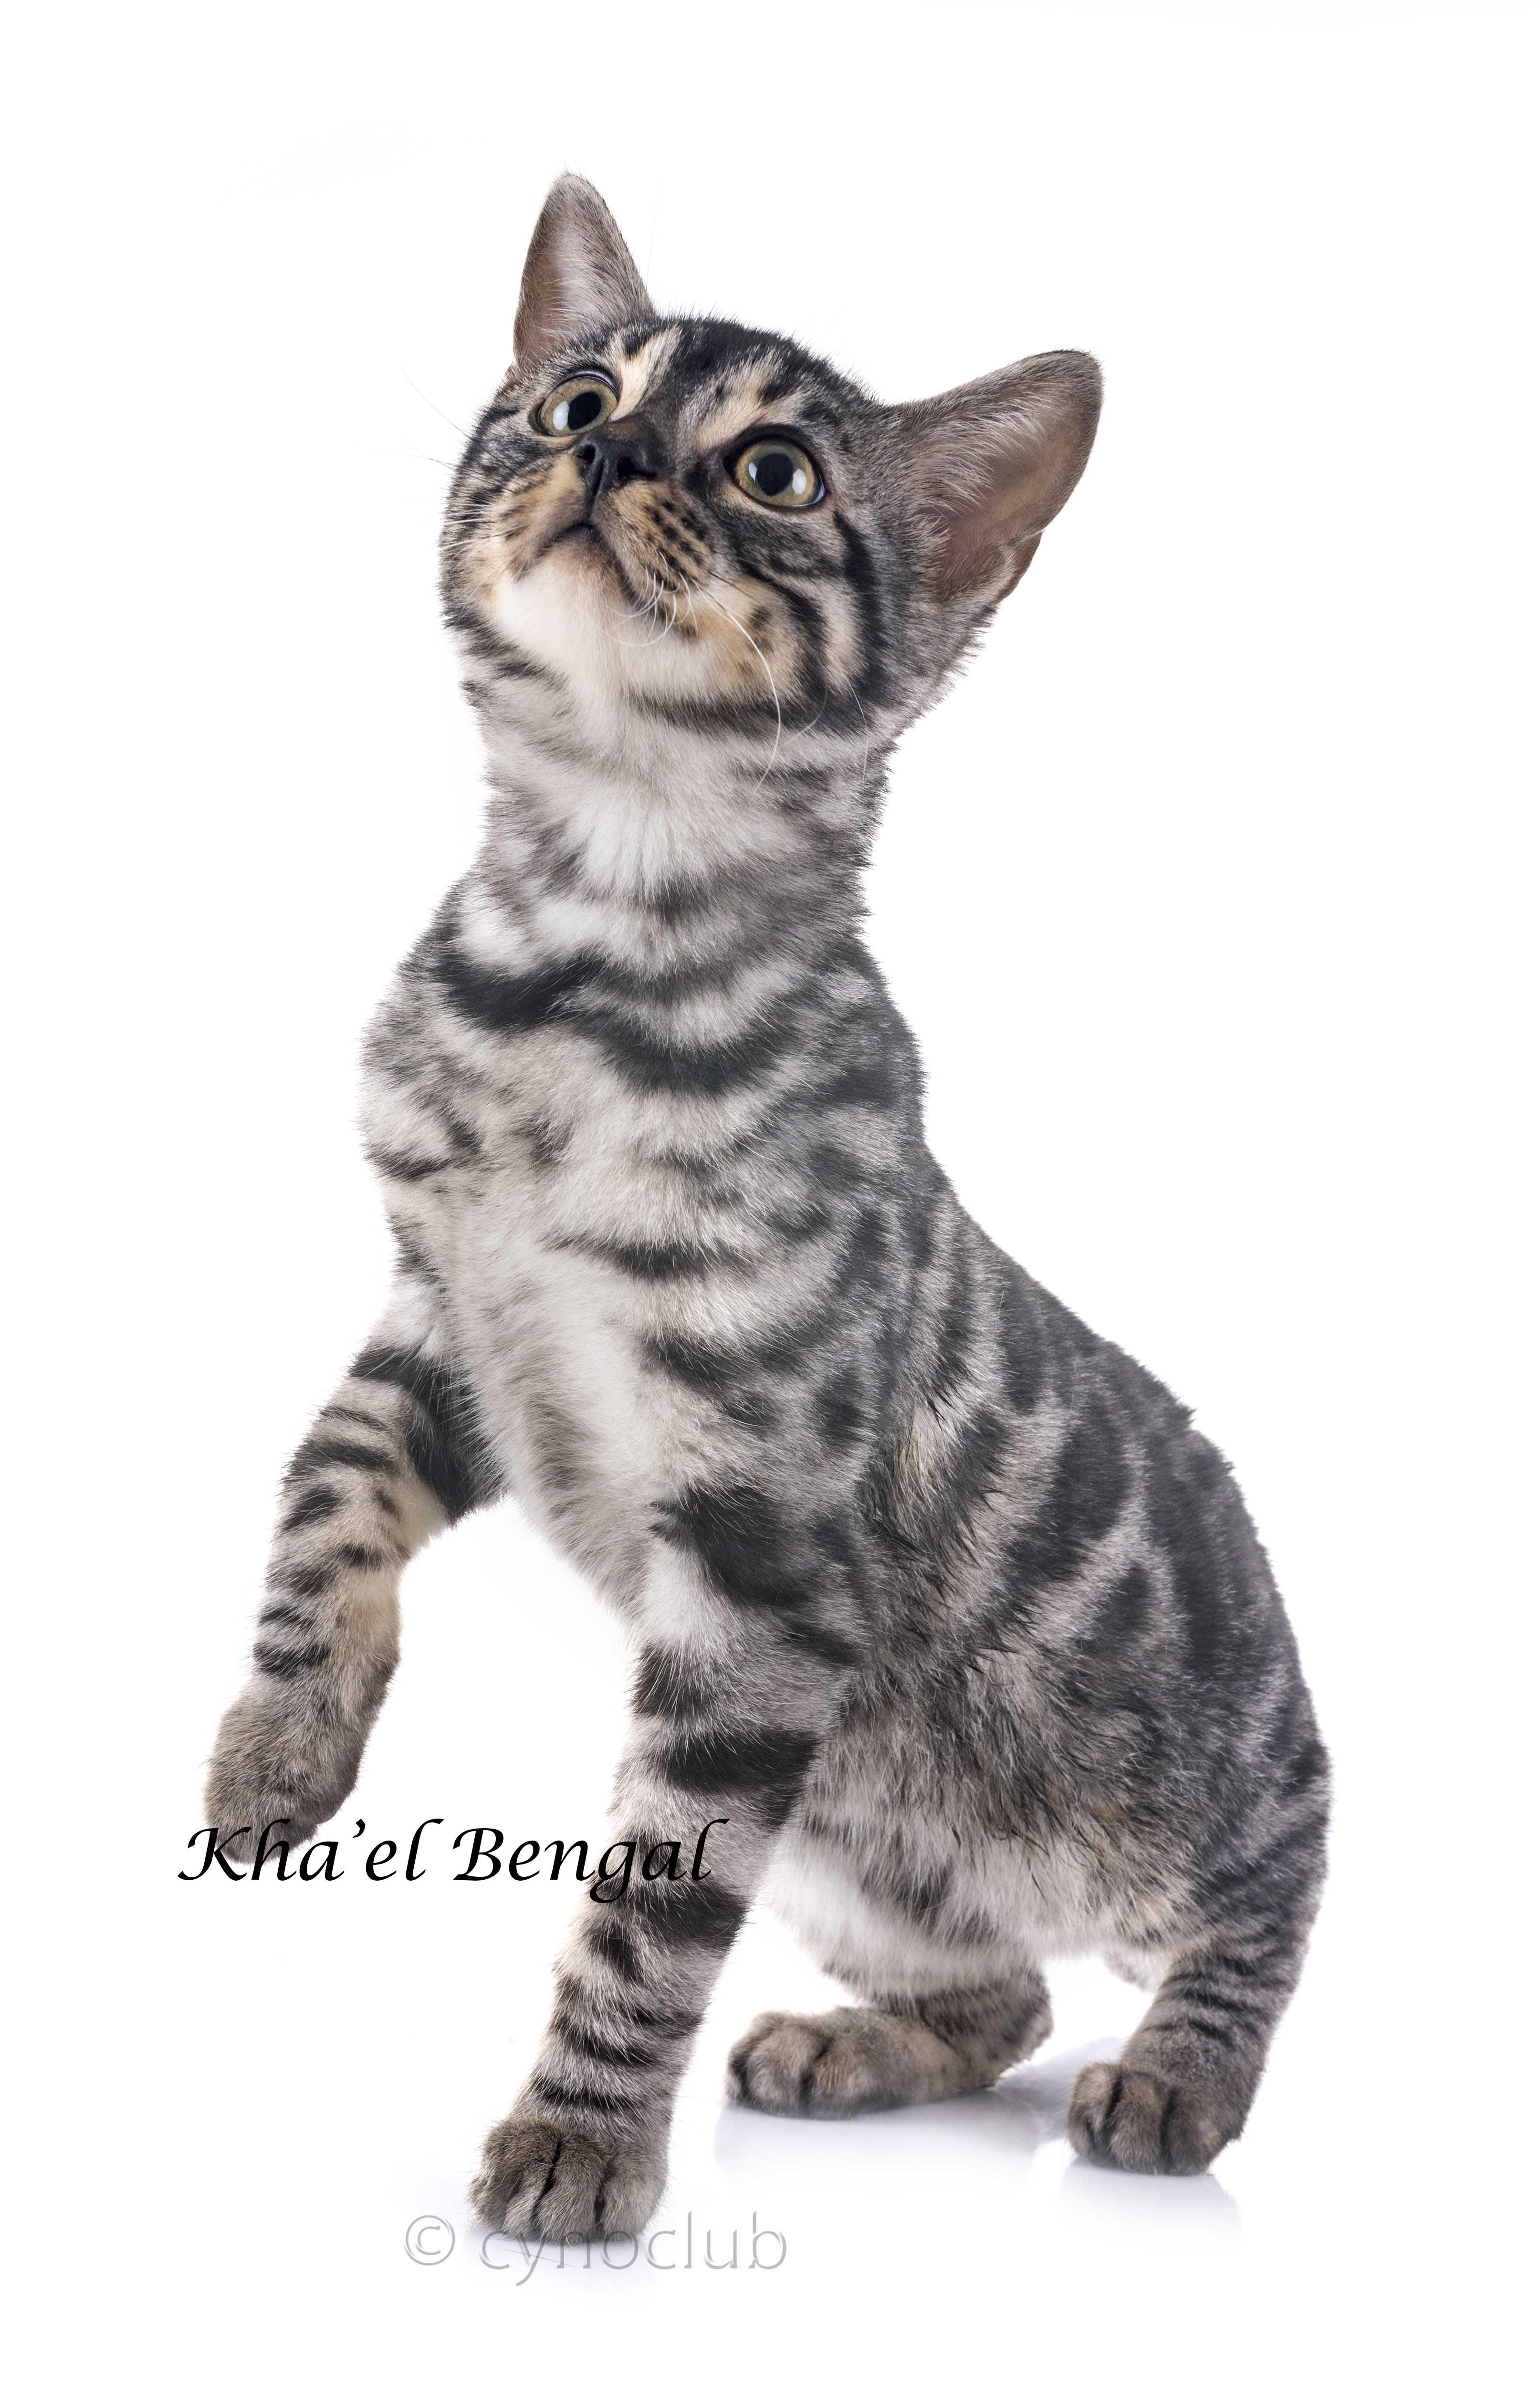 Kha'el Bengal